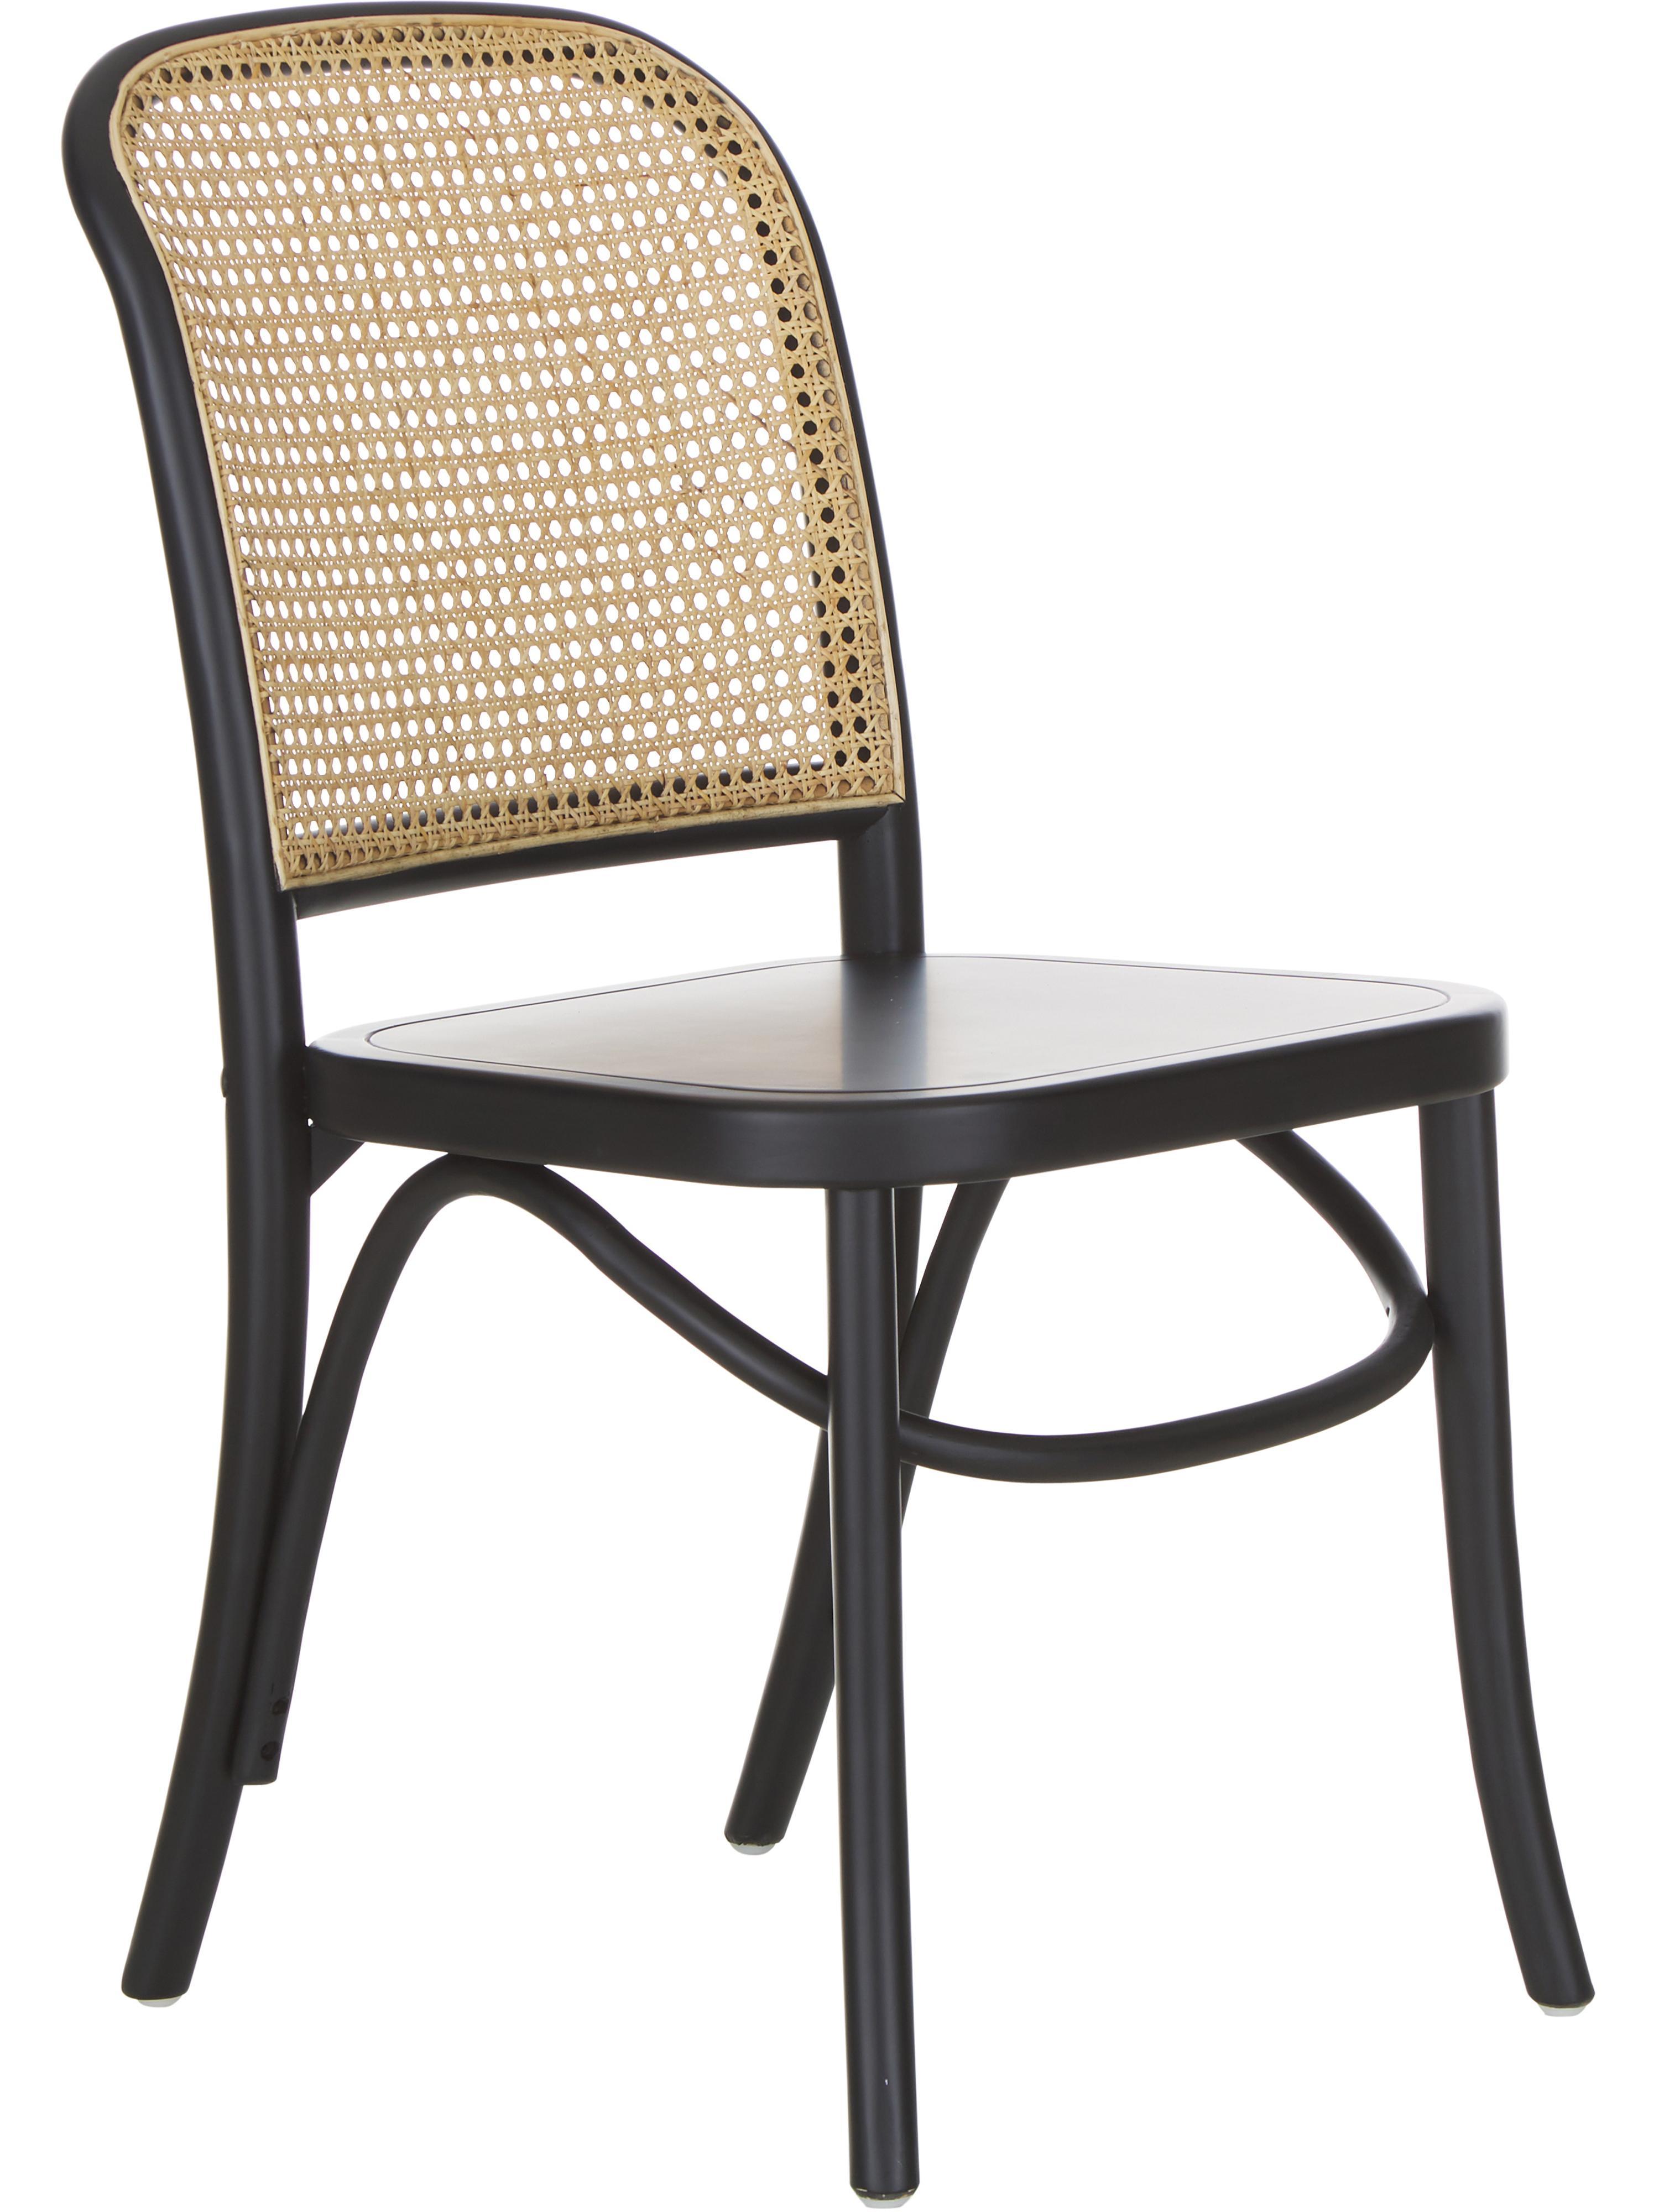 Krzesło z drewna z plecionką wiedeńską Franz, Stelaż: lite drewno brzozowe, lak, Czarny, S 48 x G 59 cm